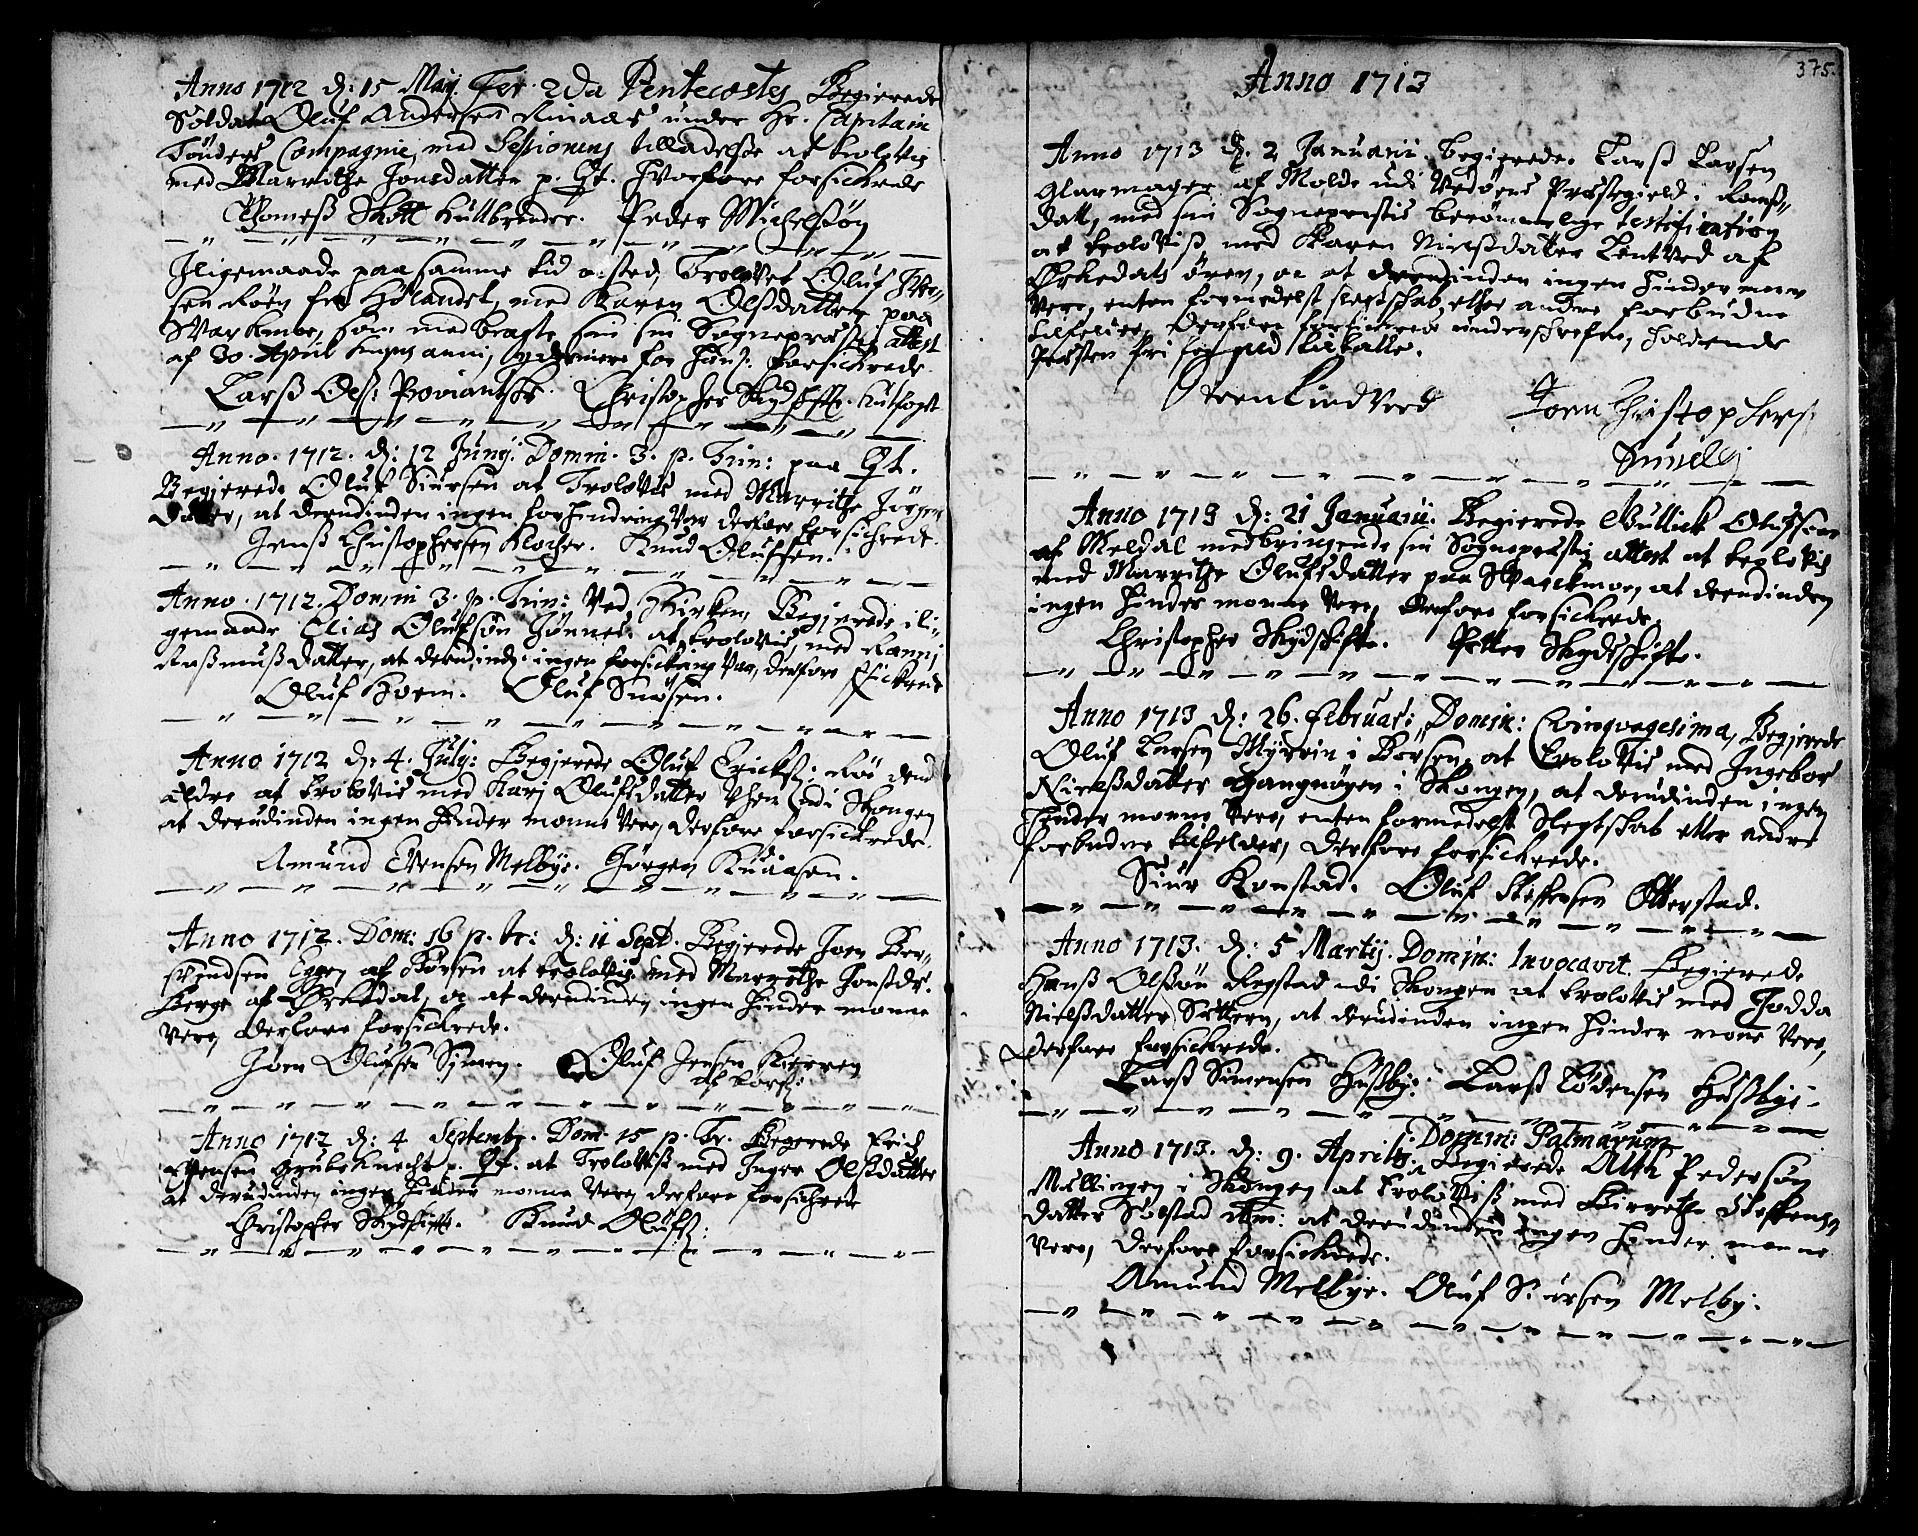 SAT, Ministerialprotokoller, klokkerbøker og fødselsregistre - Sør-Trøndelag, 668/L0801: Ministerialbok nr. 668A01, 1695-1716, s. 374-375